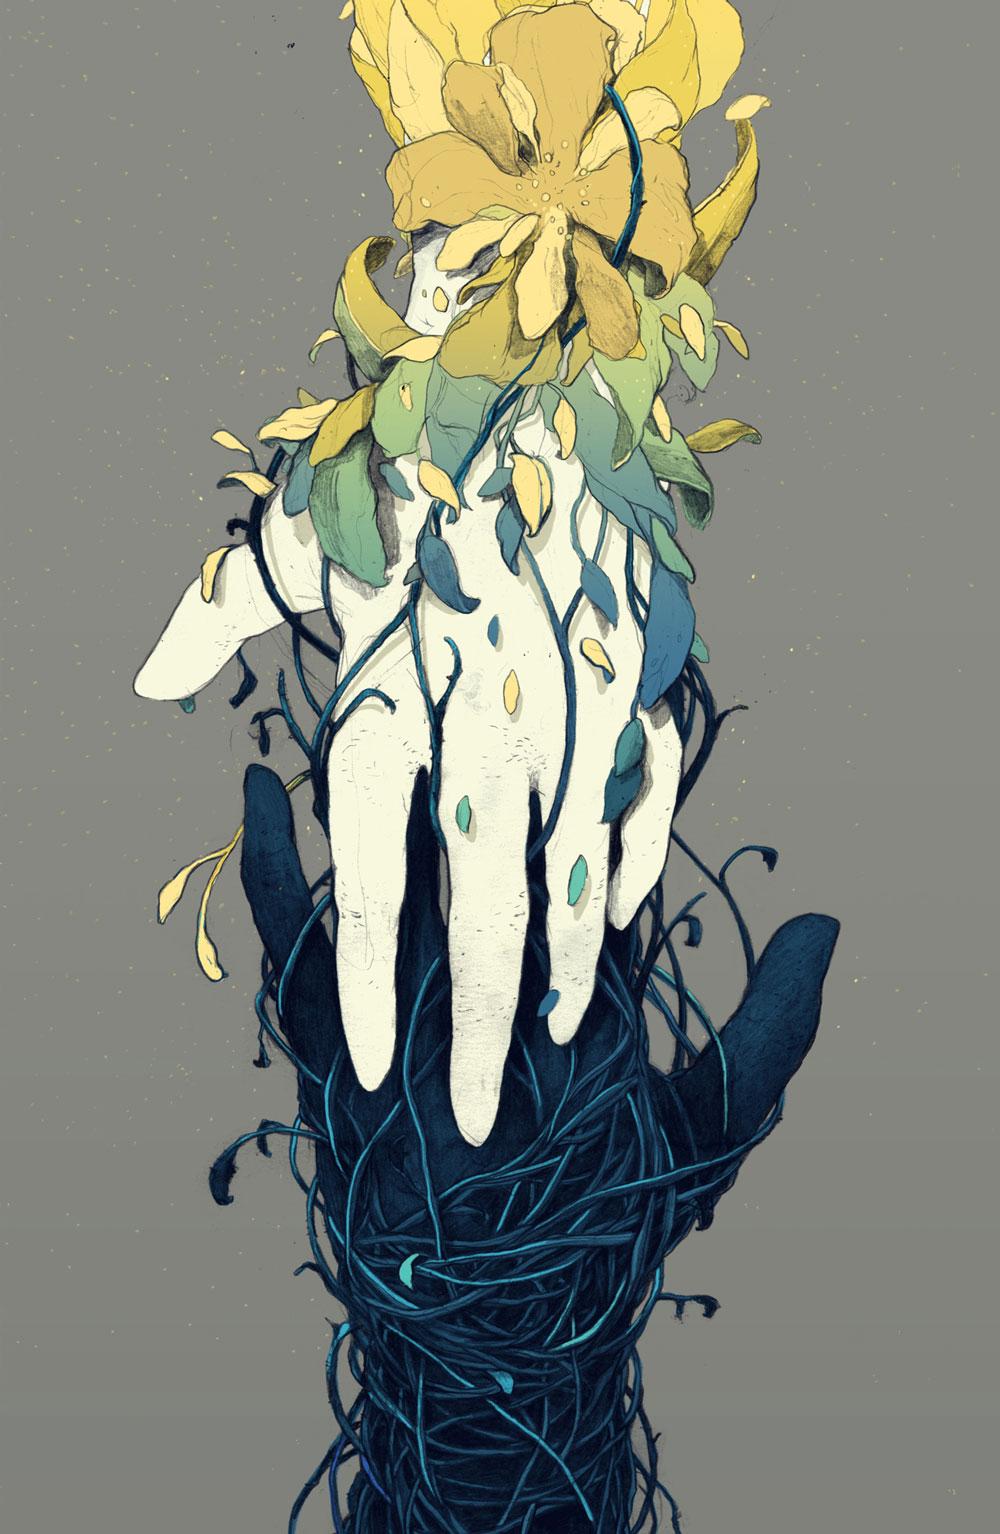 Simón-Prades-Visual-Atelier-8-Art--Illustration-2.jpg